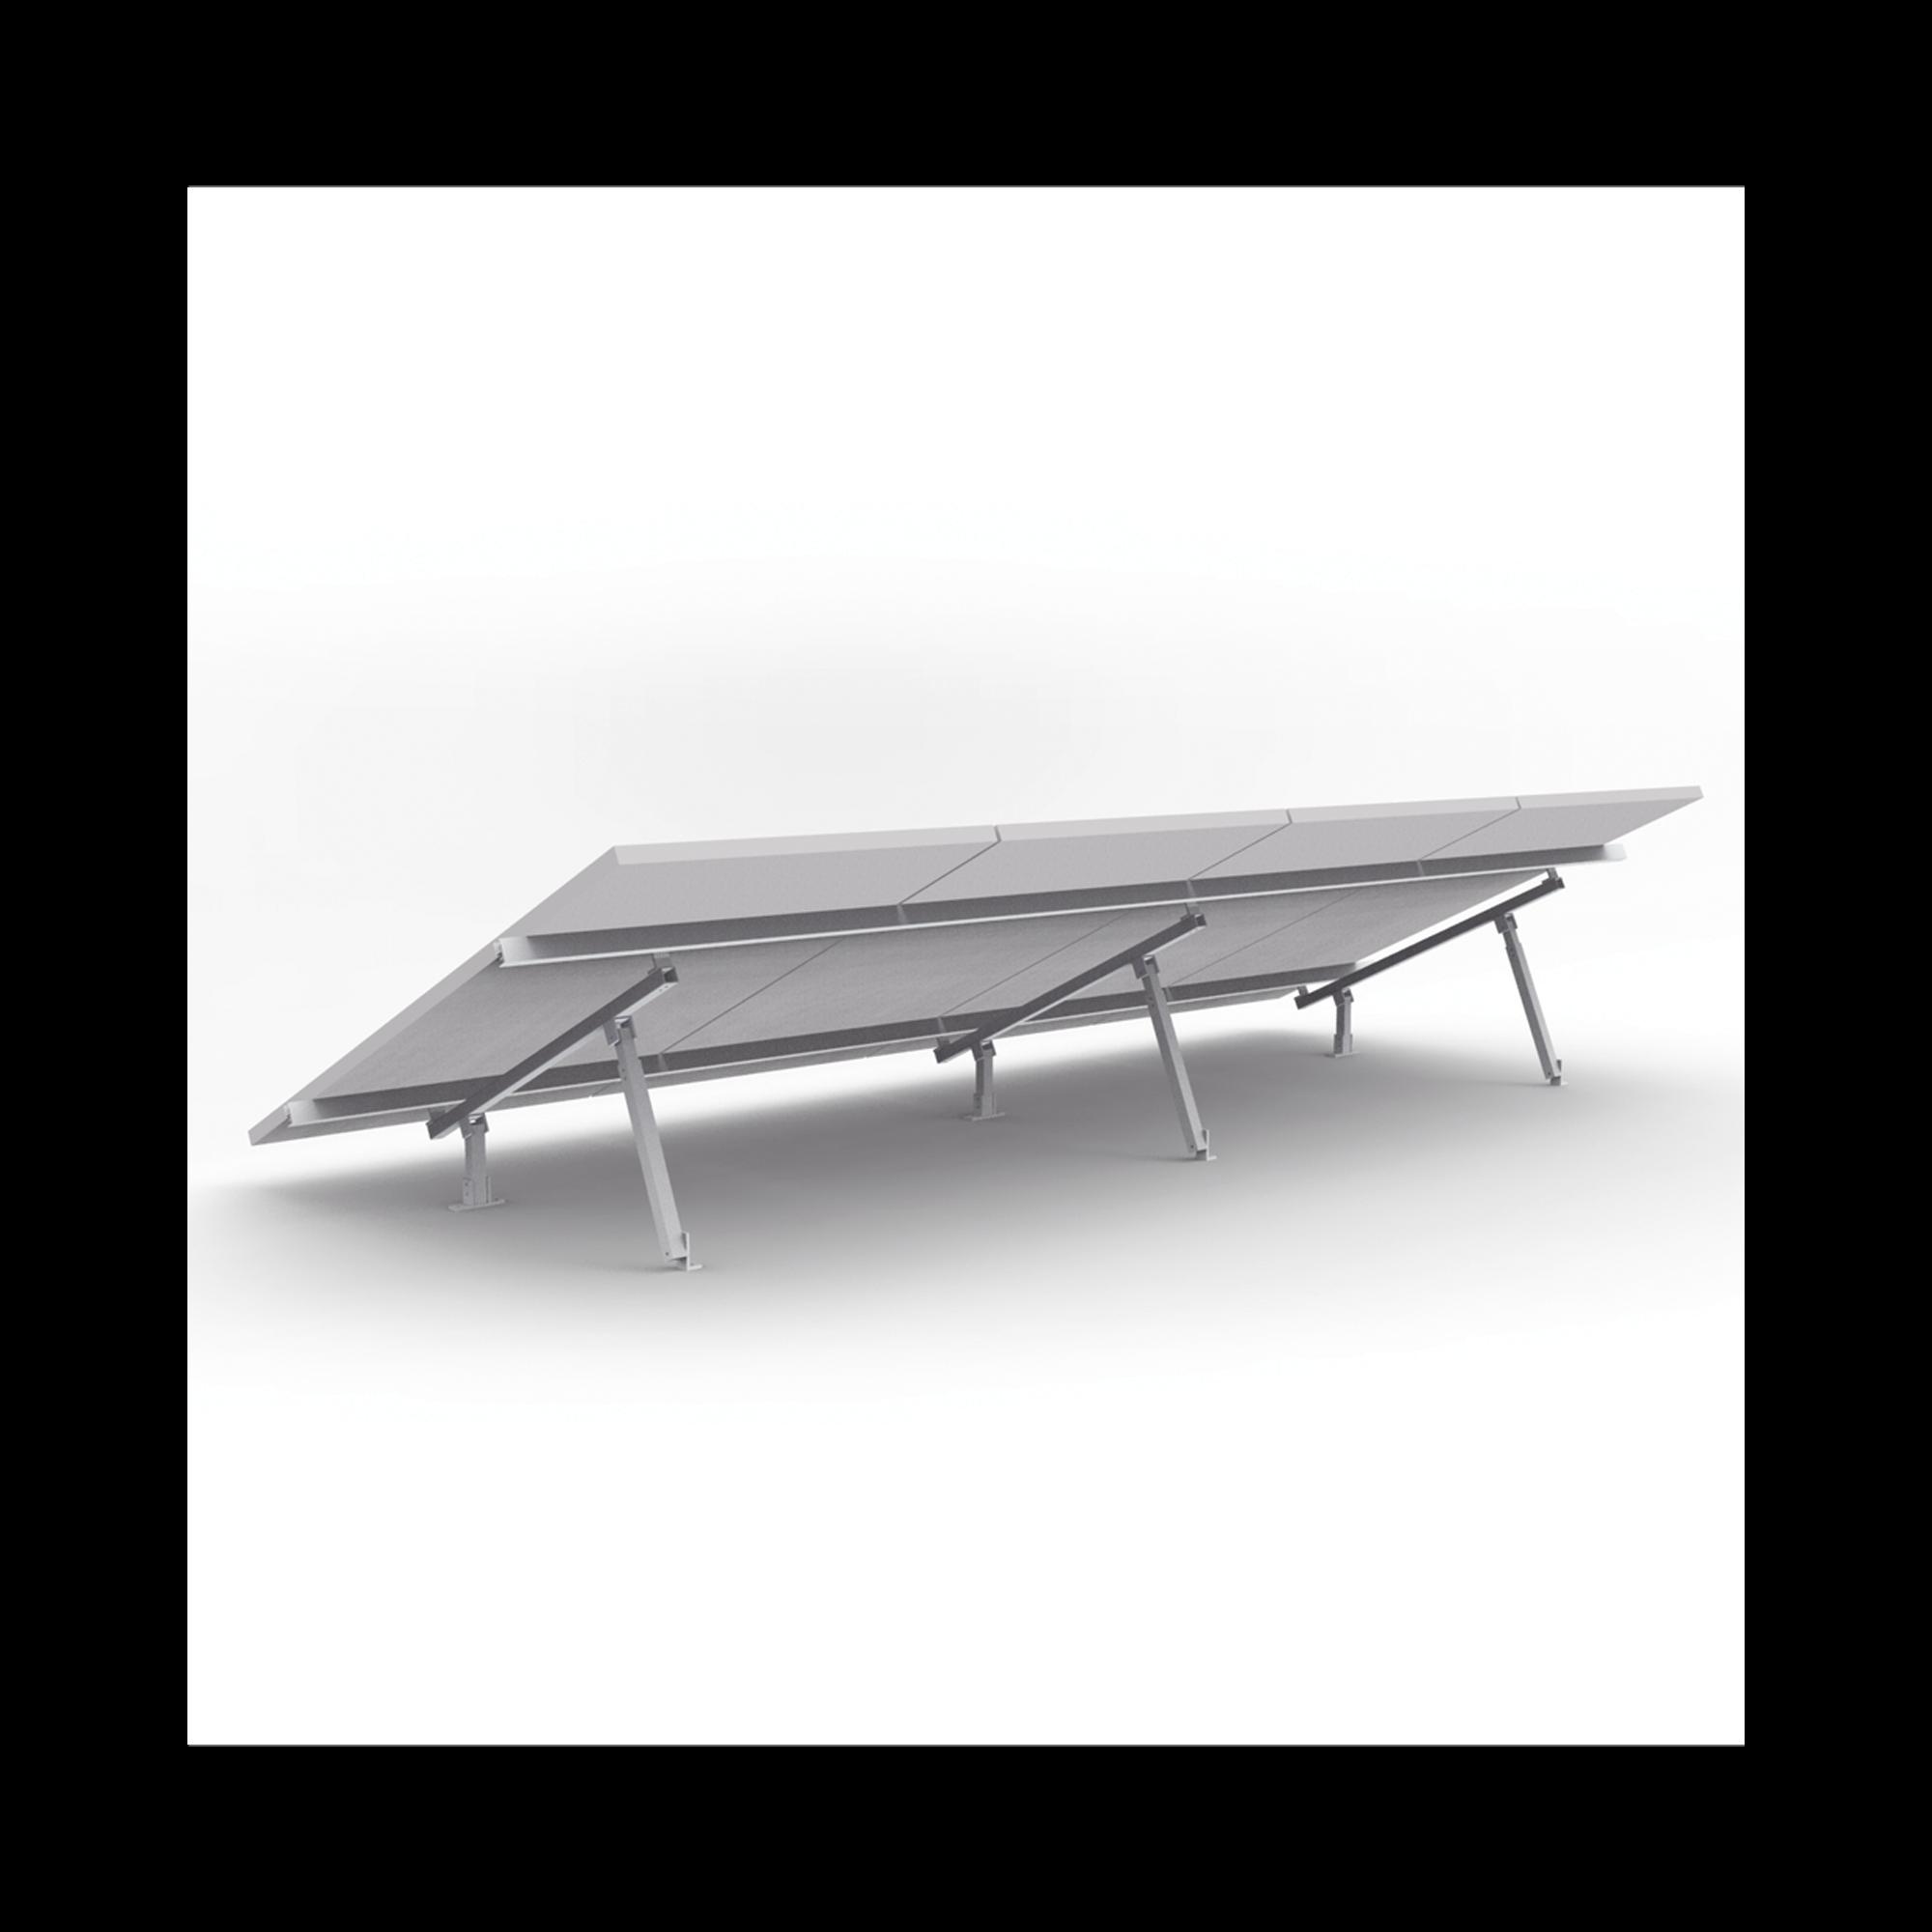 Montaje de aluminio para techo o piso de concreto,  de alta resistencia y rápida instalacion para arreglo 1x4 modulos fotovoltáicos de 40mm de espesor